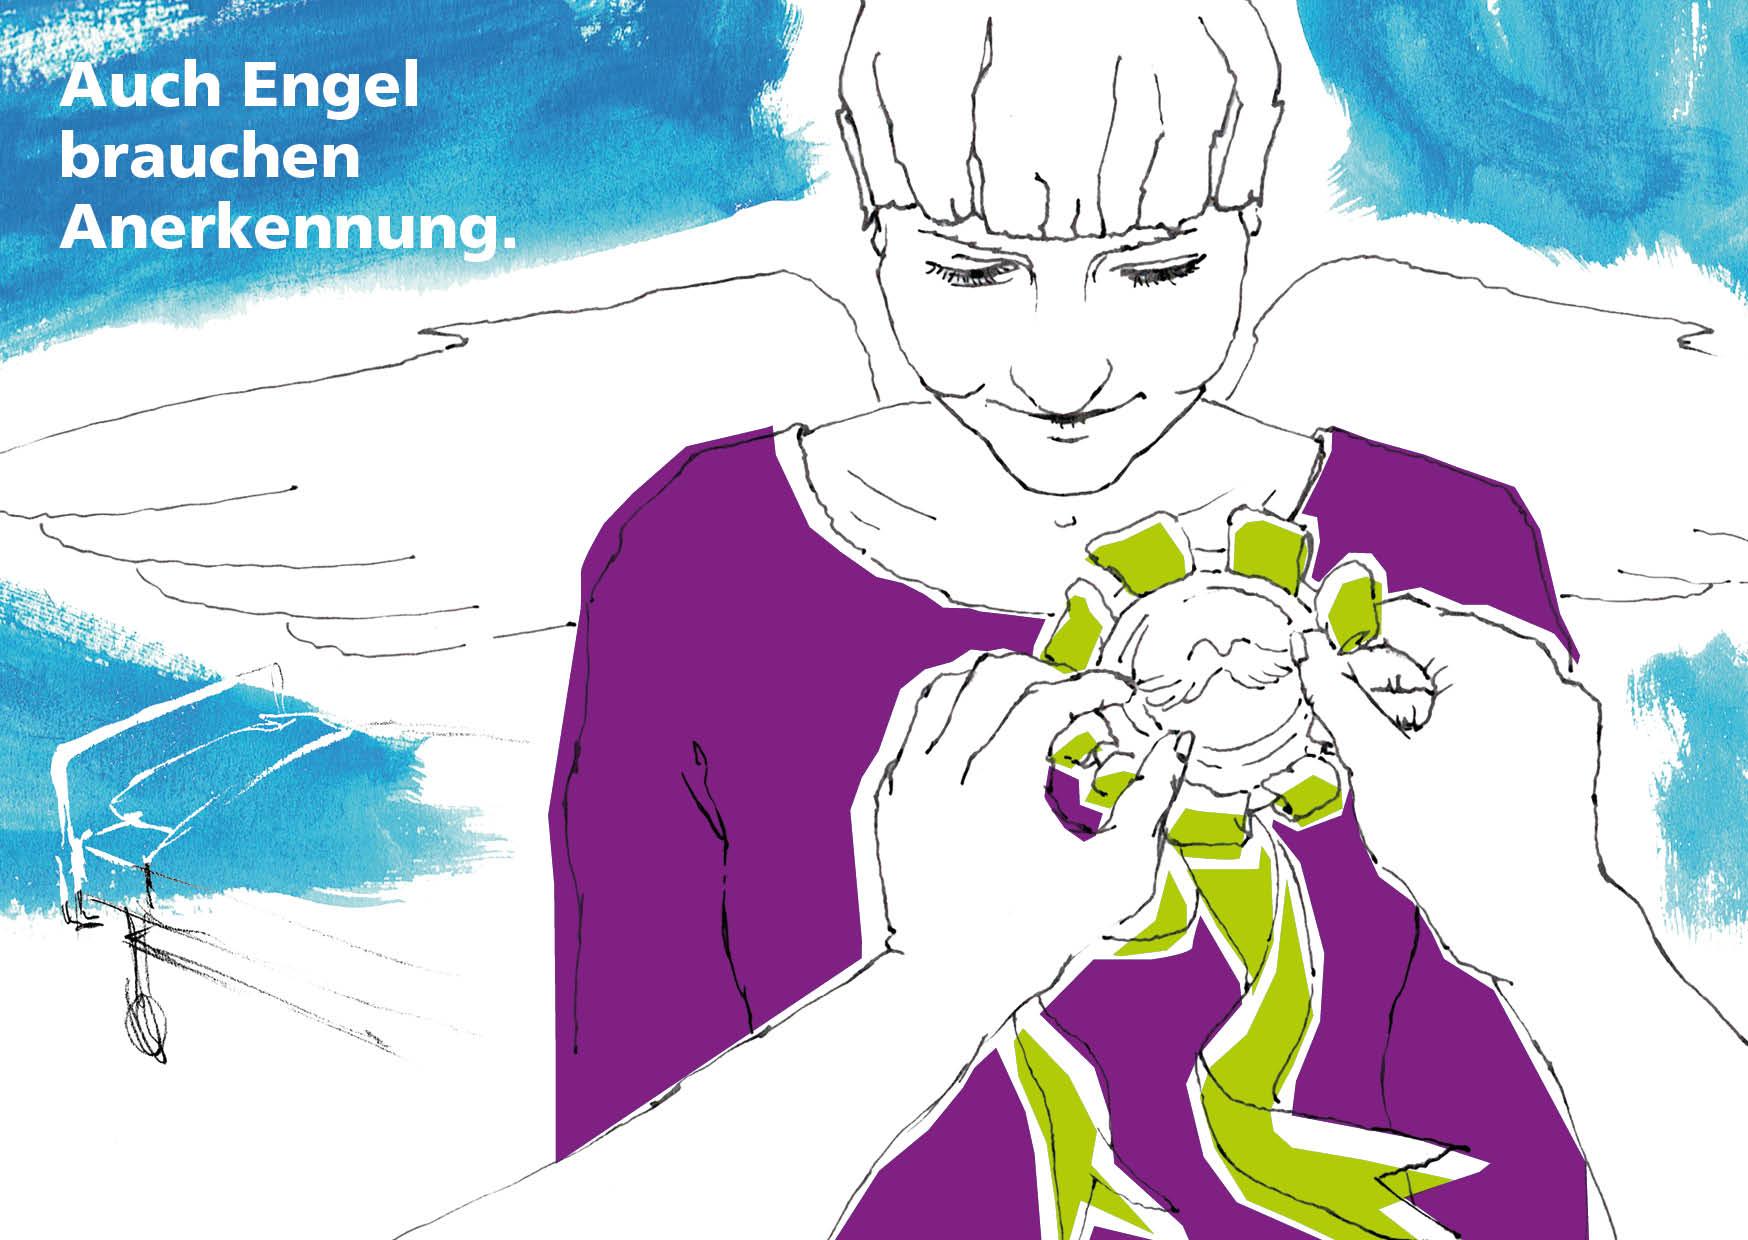 160901_verdi_NRW_Postkarten_Engel brauchen_02